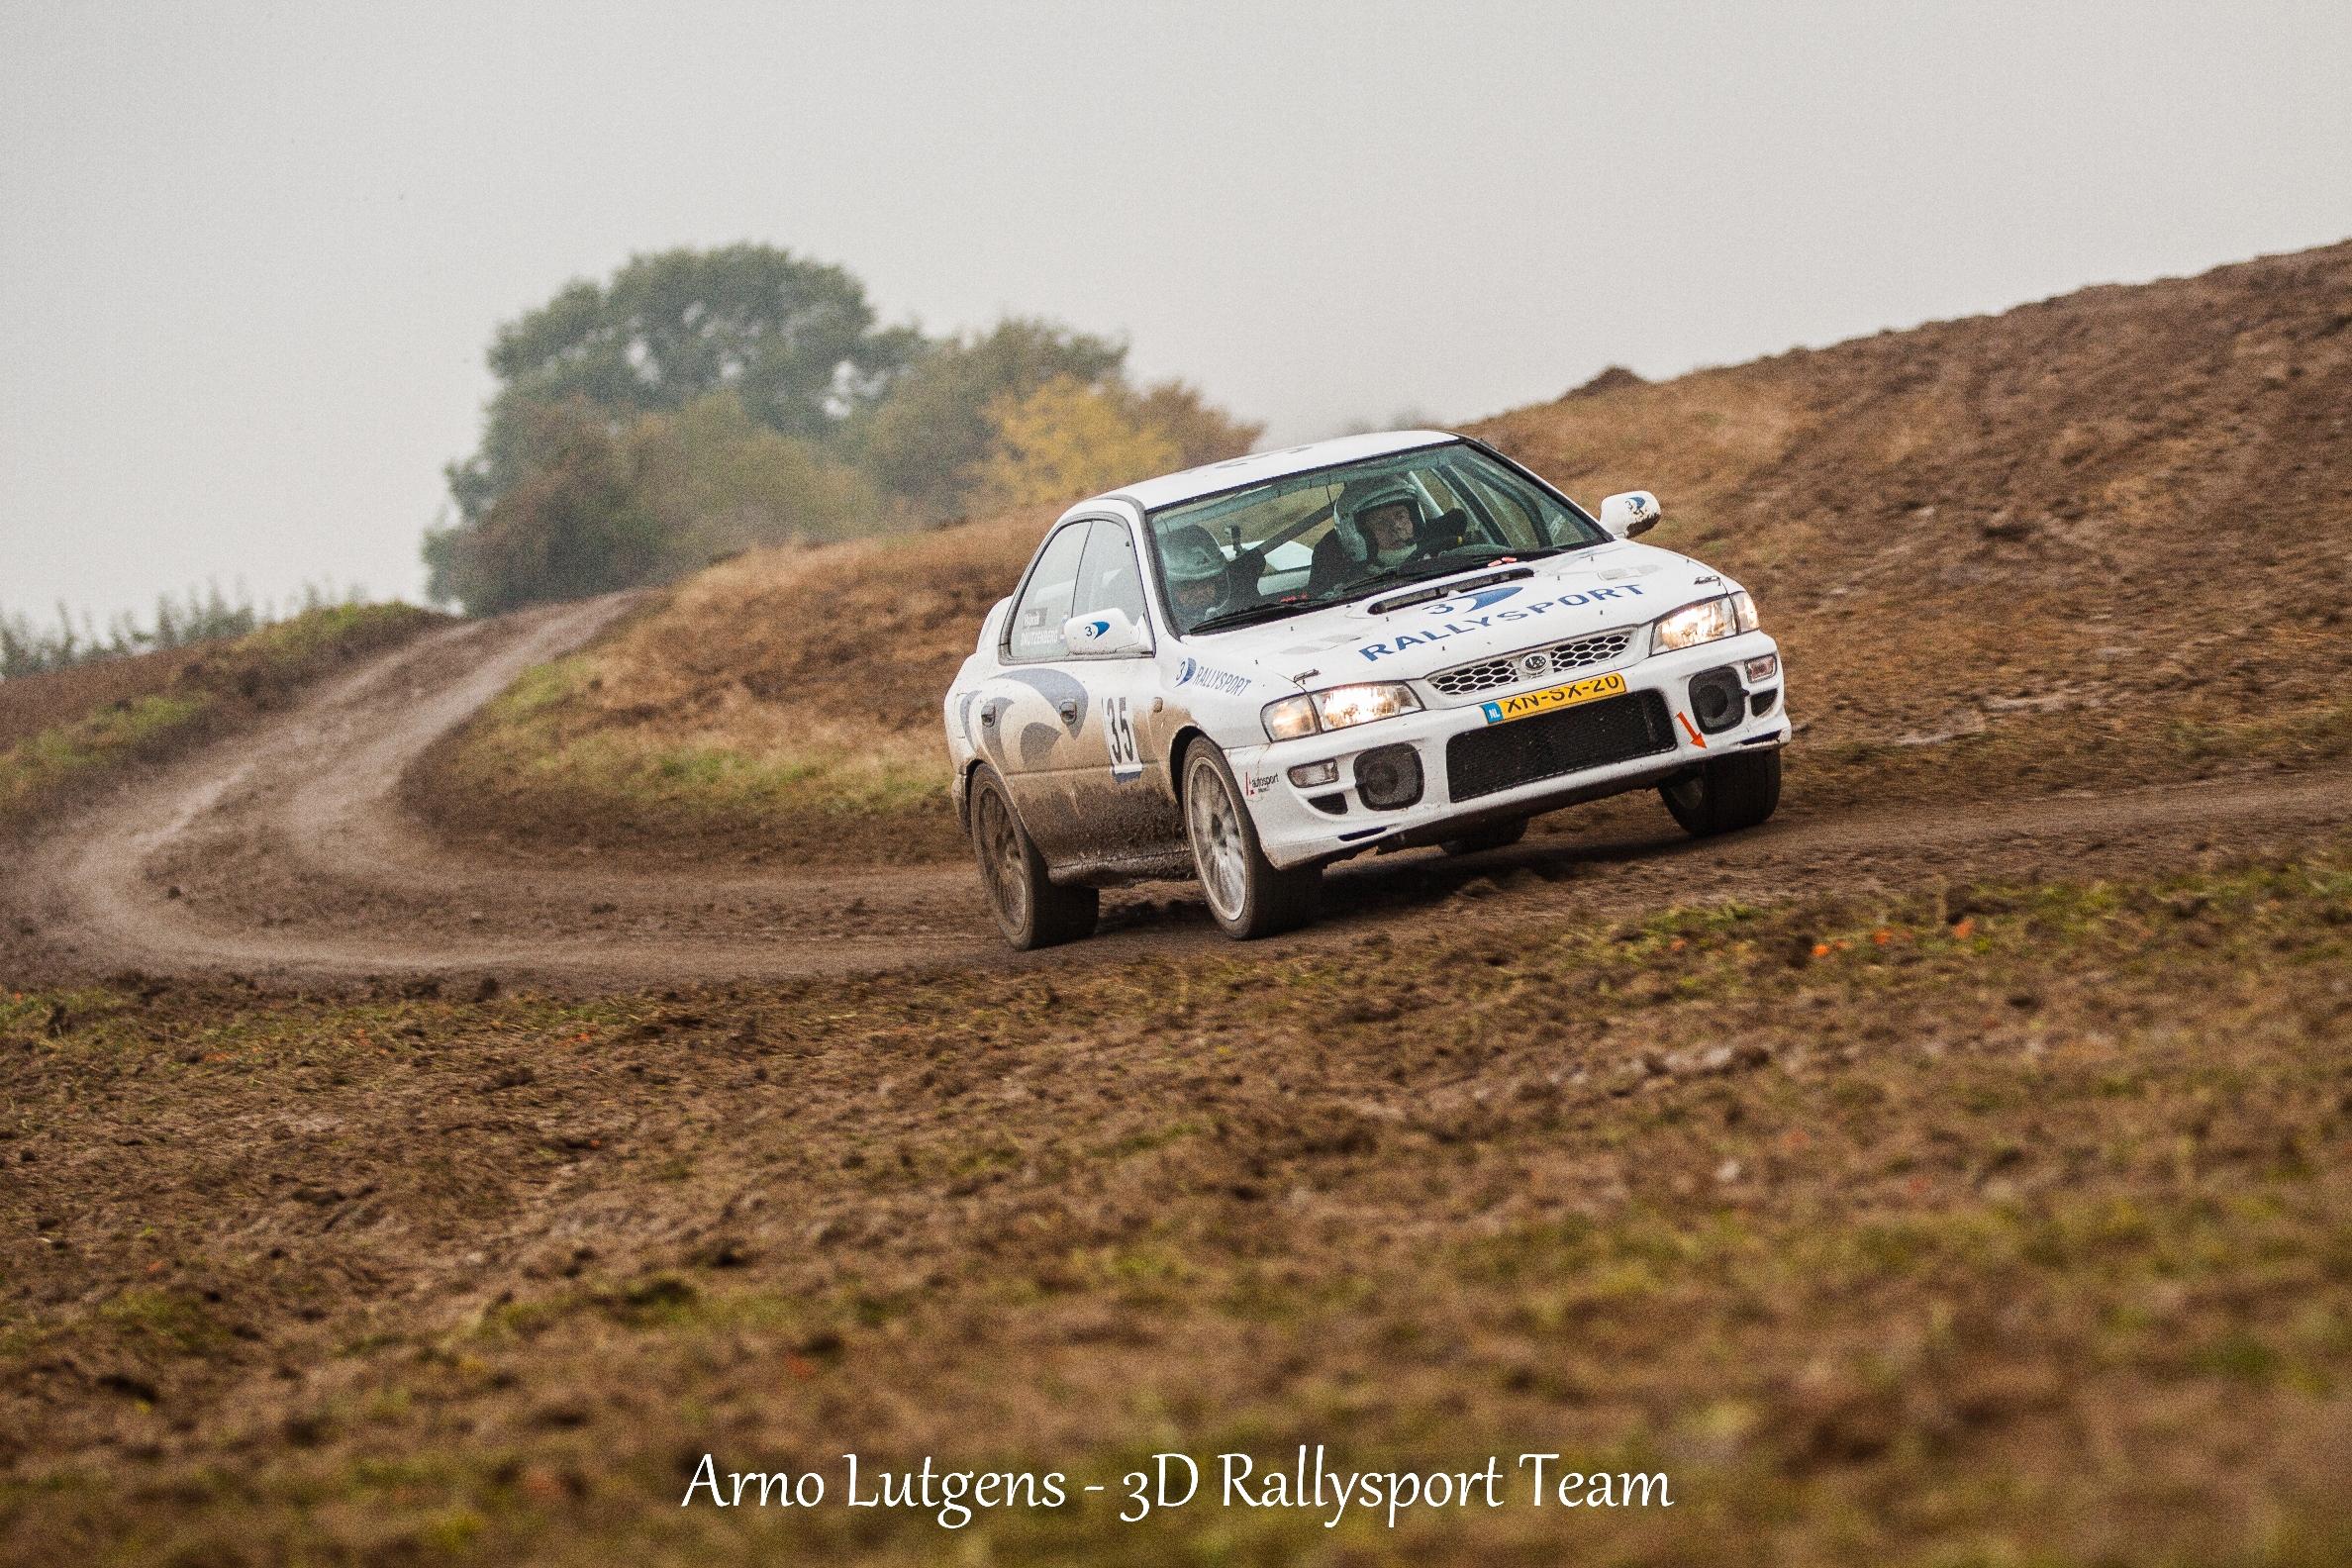 Het 3D rallysport team haalt de finish van de Rally van Zuid-Limburg net niet.